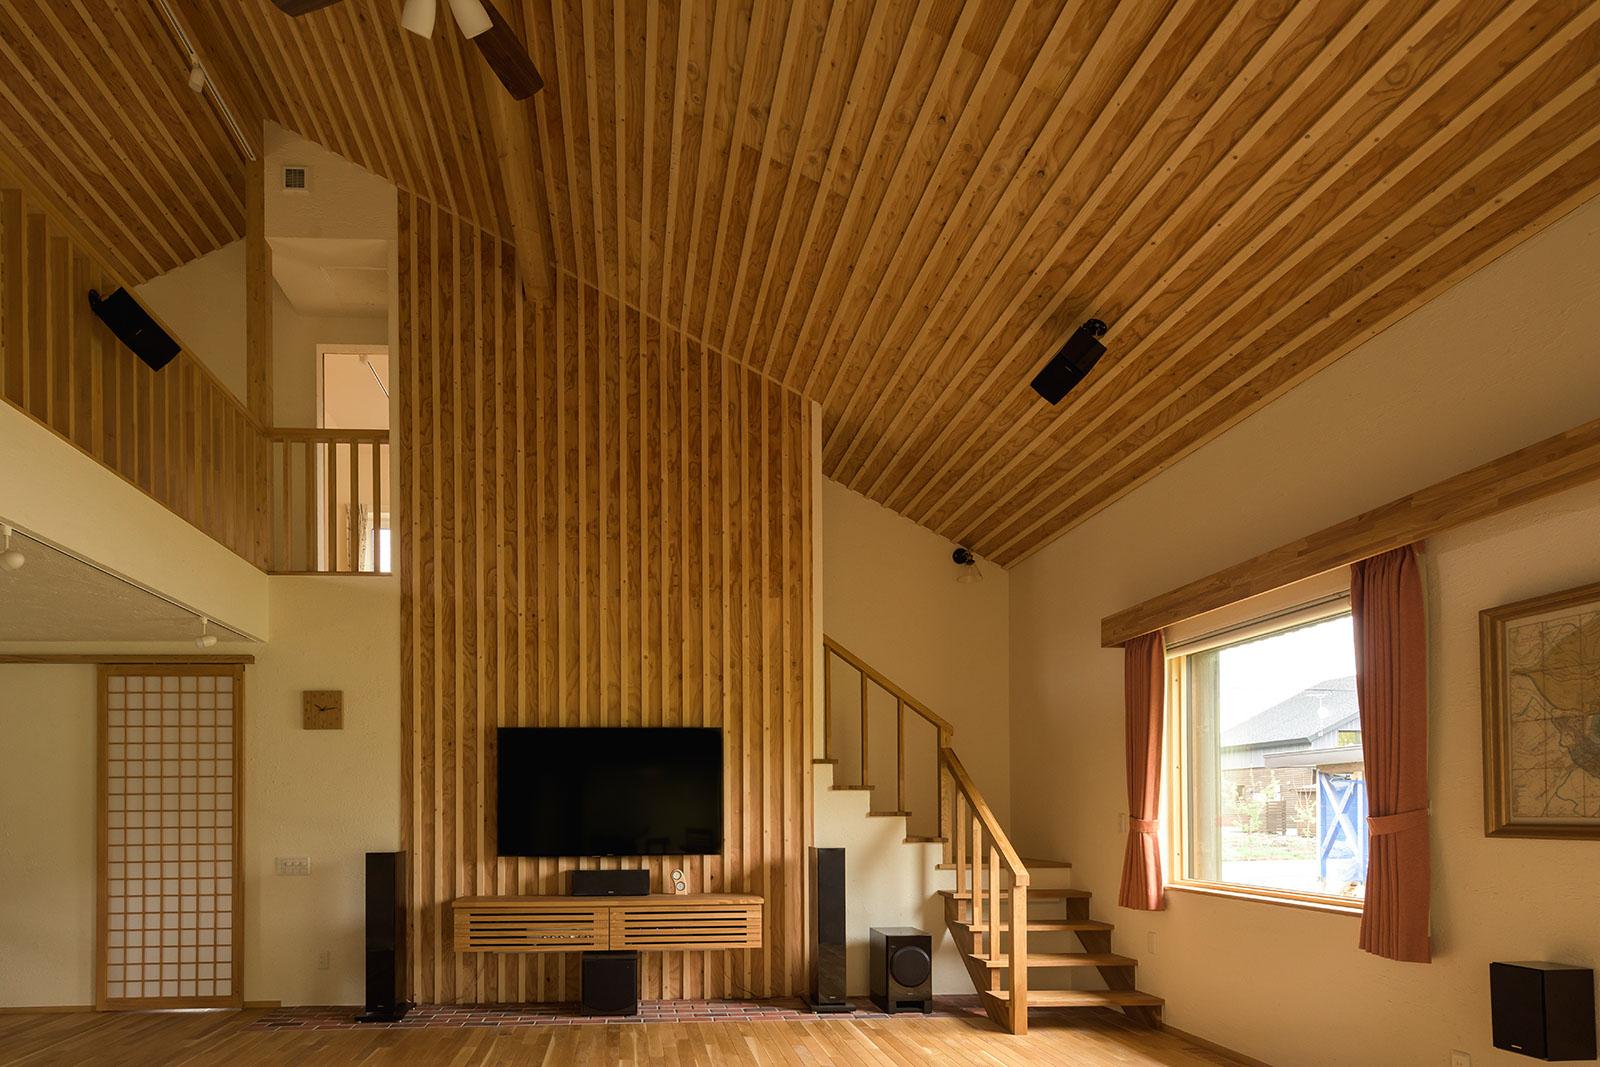 天井とアクセントウォールのラインがピタッと揃い、よりひとつながりに感じる